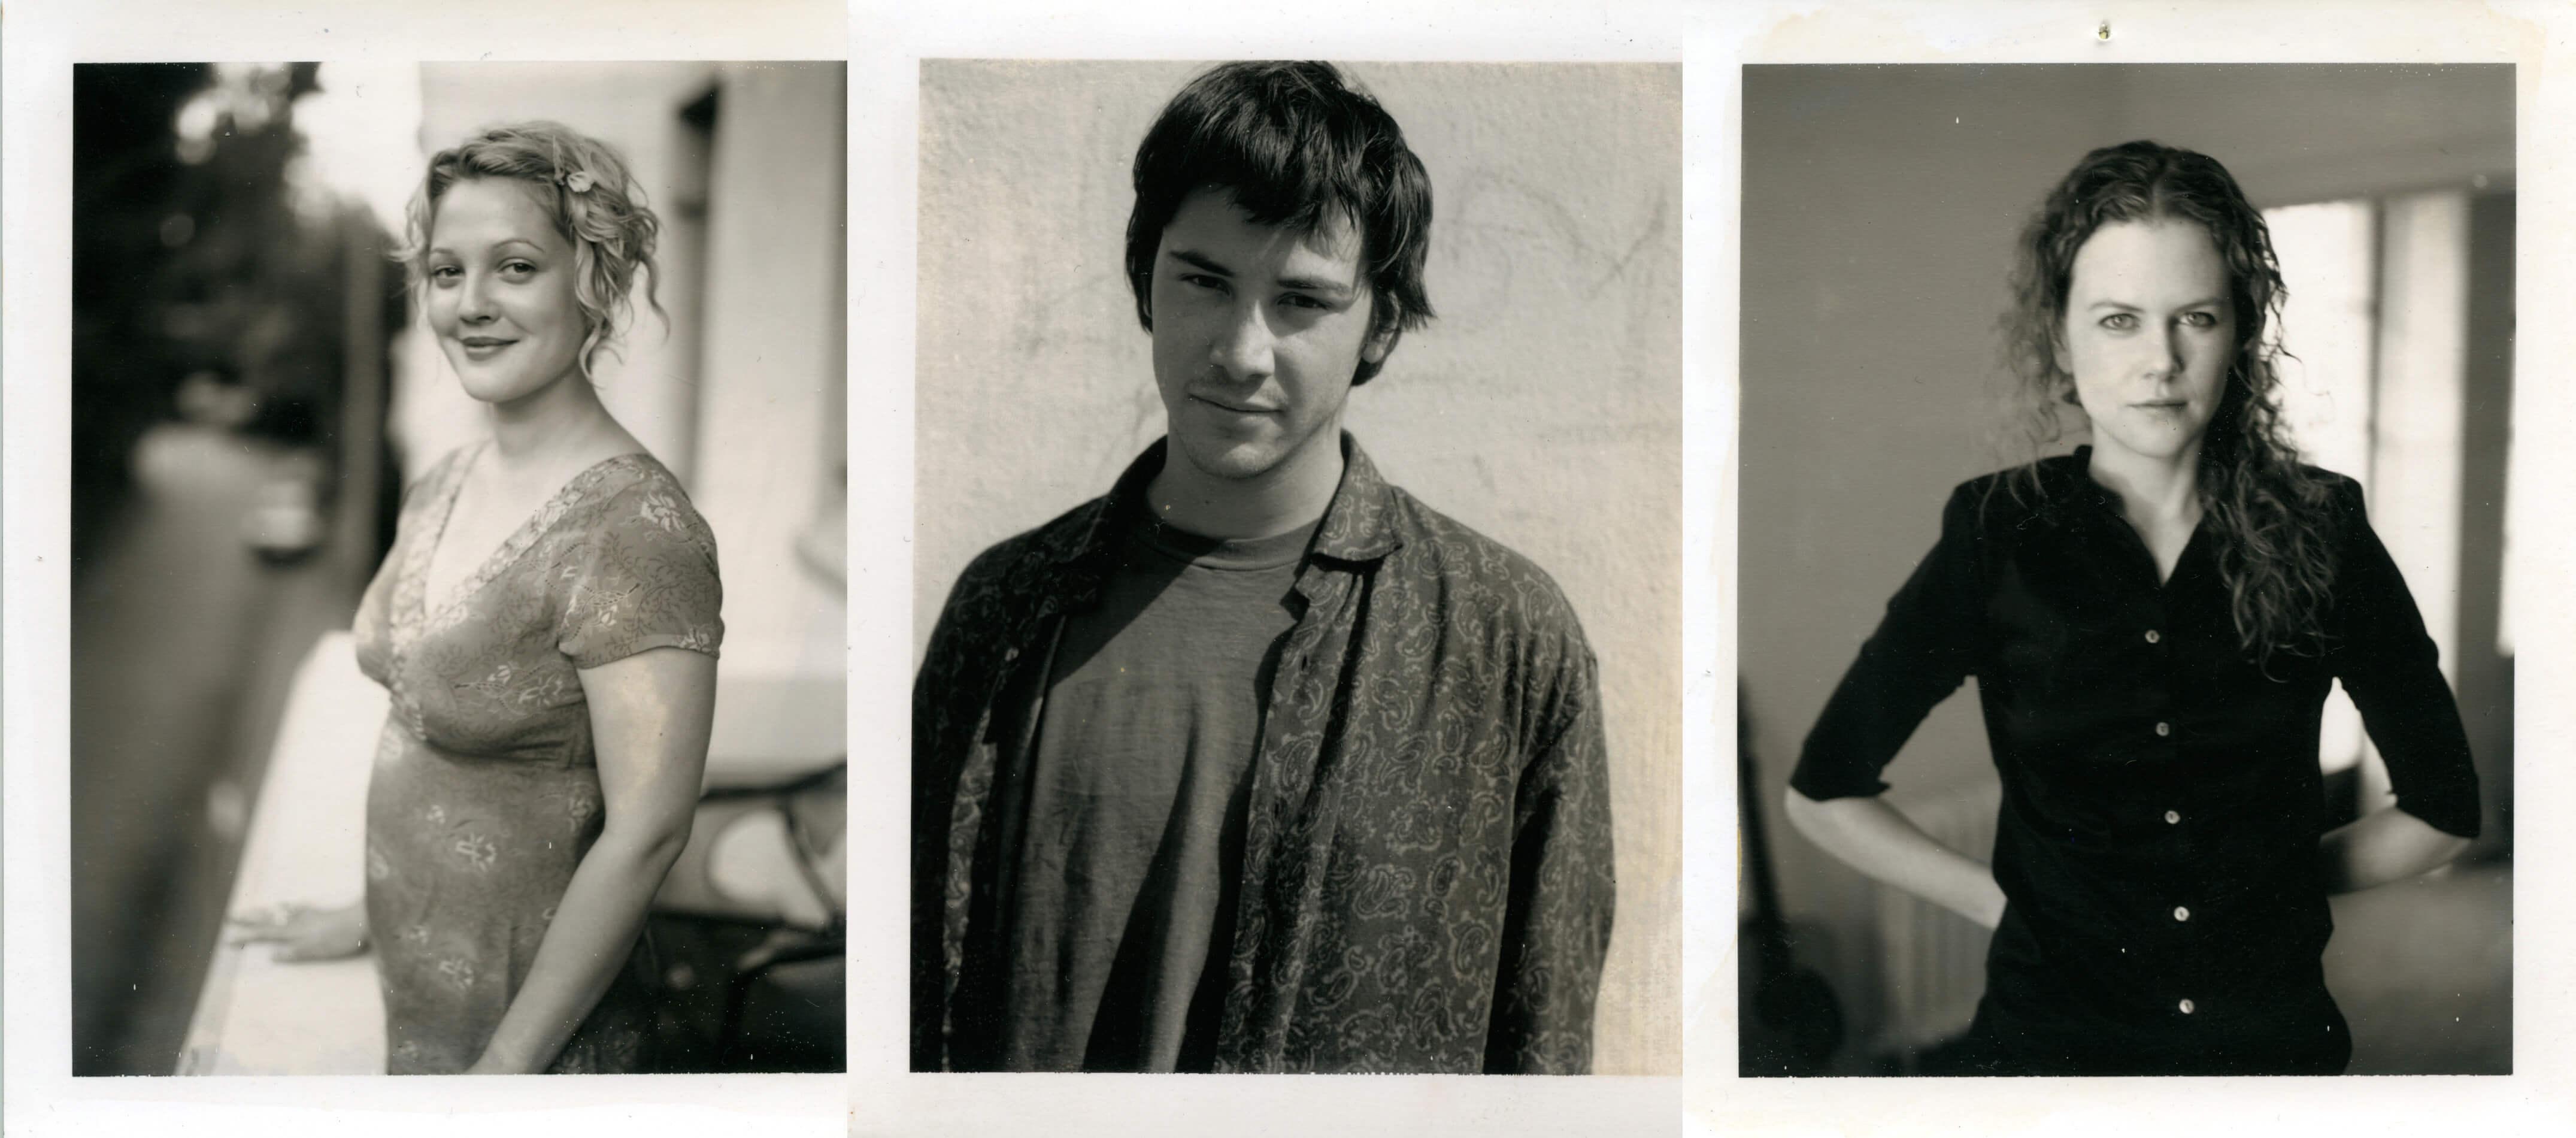 Дрю Беррімор, Кіану Рівз, Ніколь Кідман, полароїдні знімки Ґаса Ван Сента, 1983-1999 © Gus Van Sant.